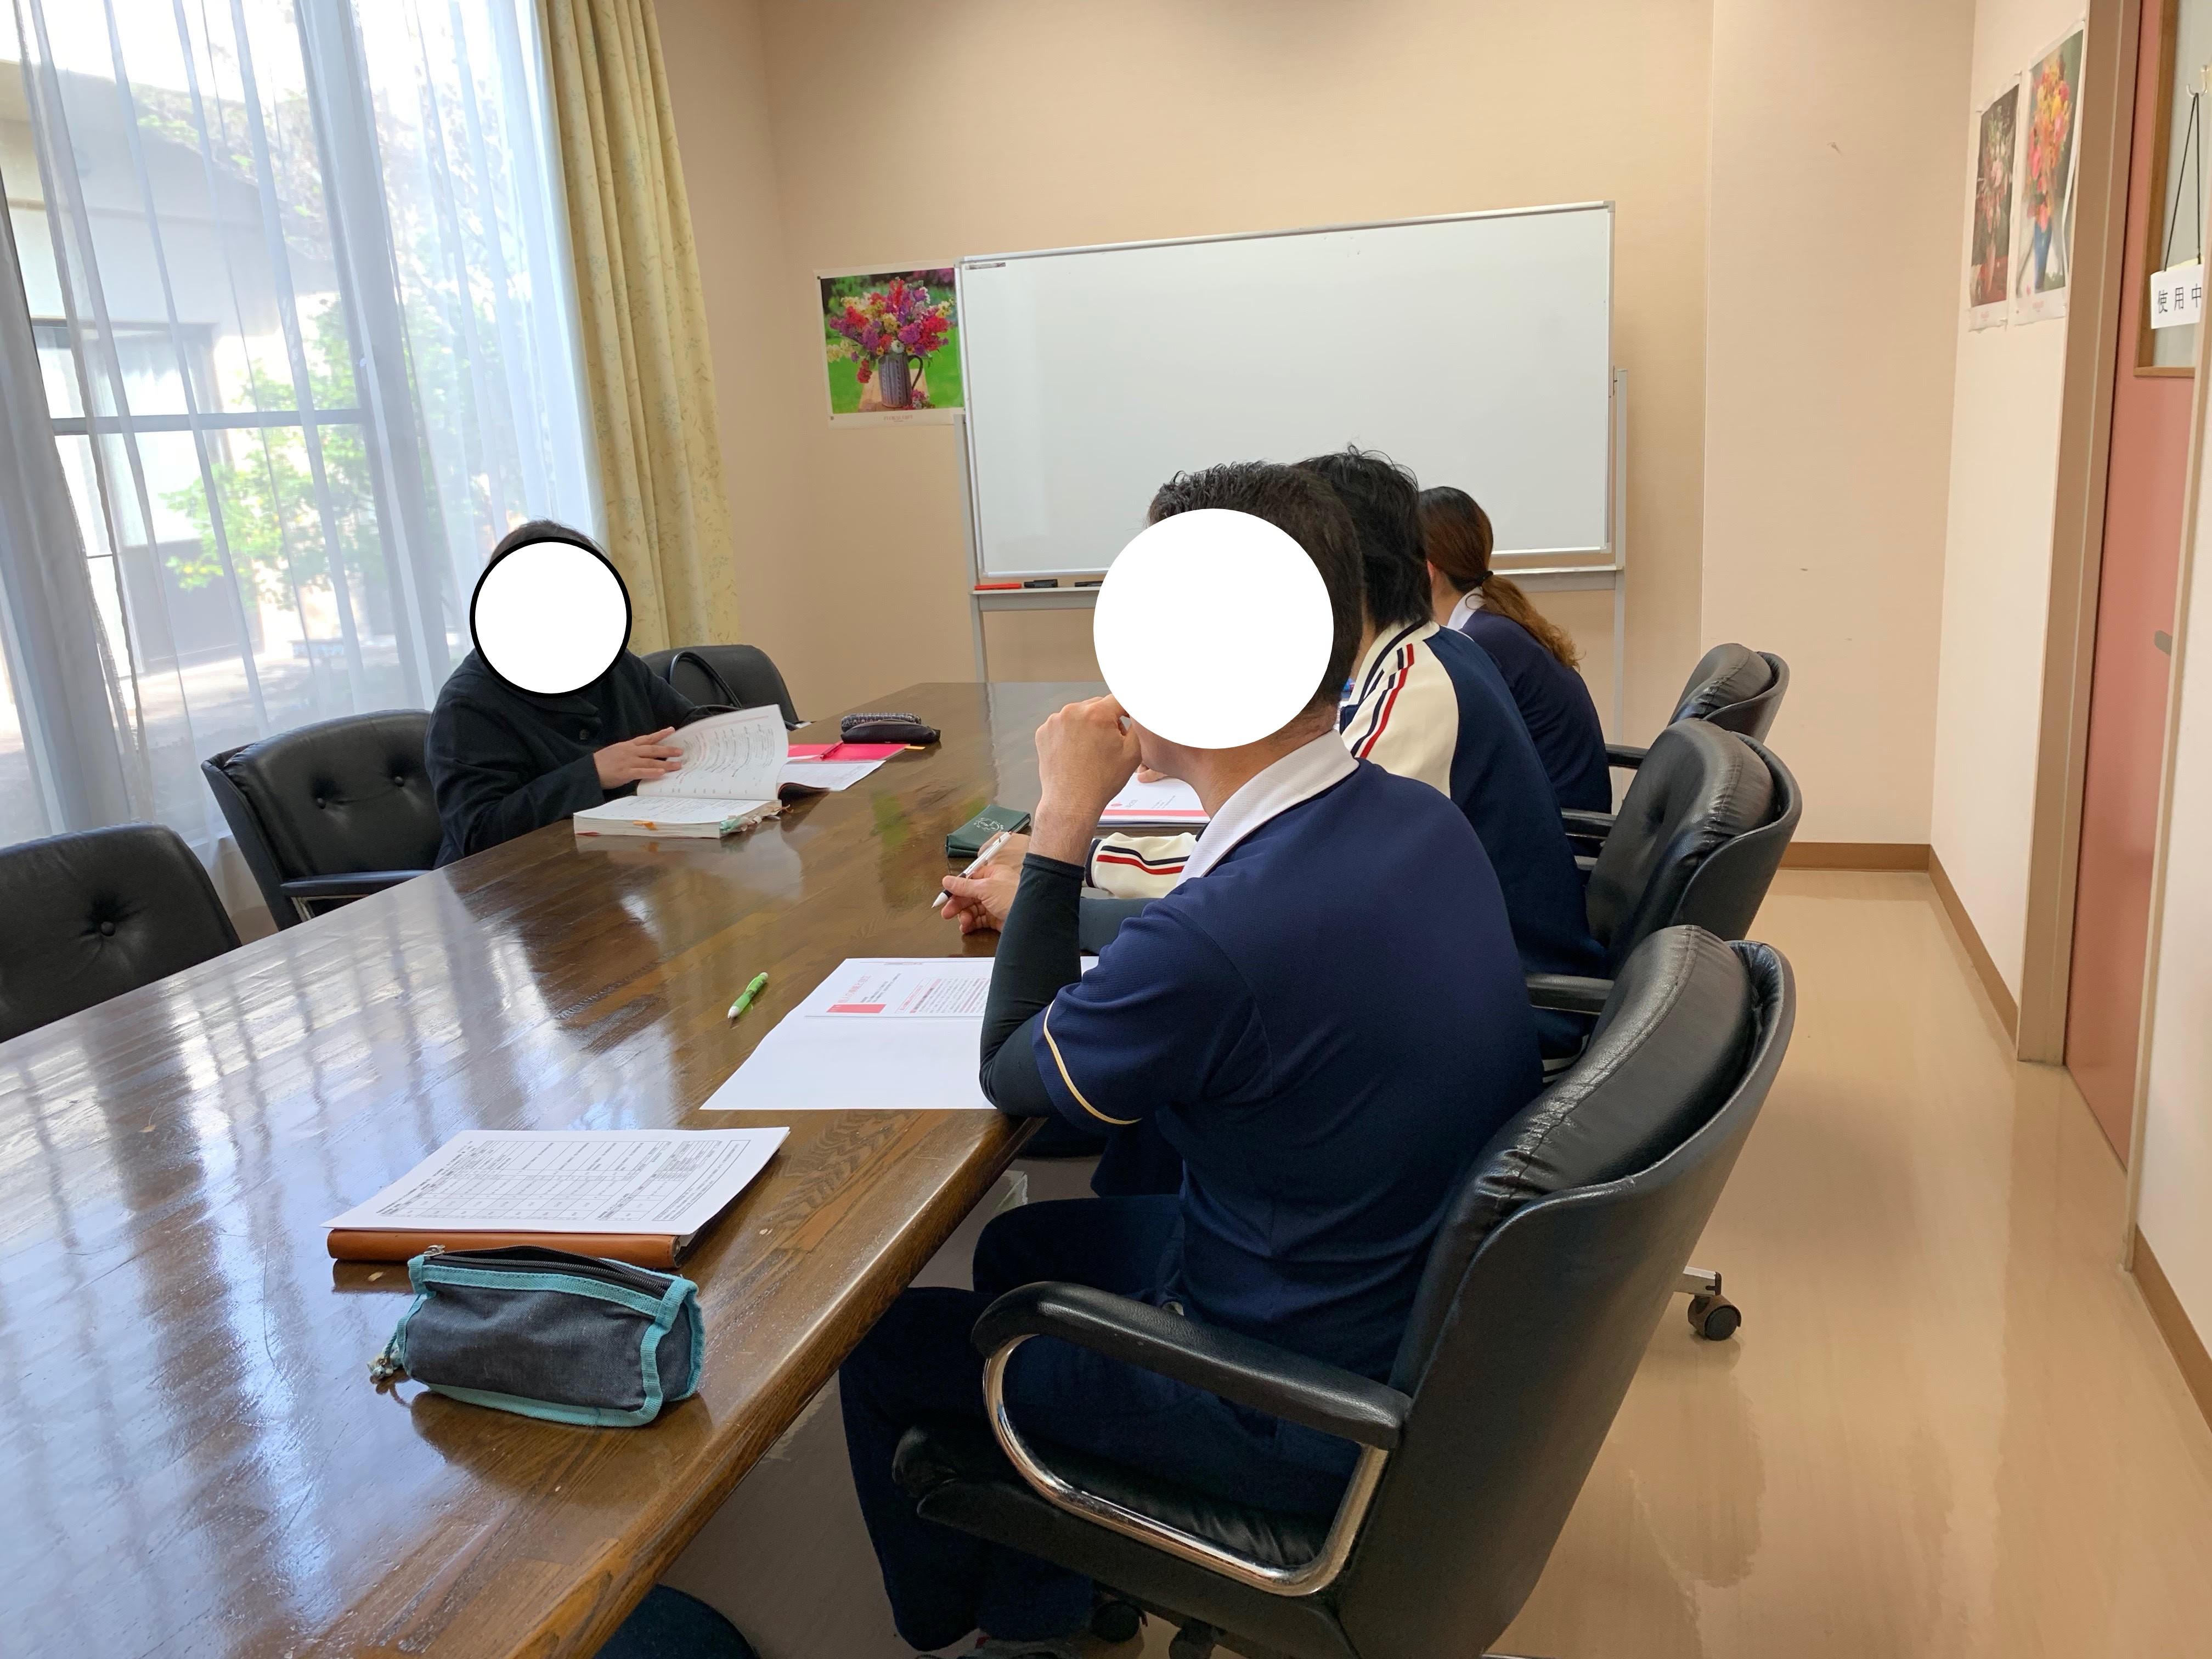 熊本県玉名市 特別養護老人ホーム(3班目)様